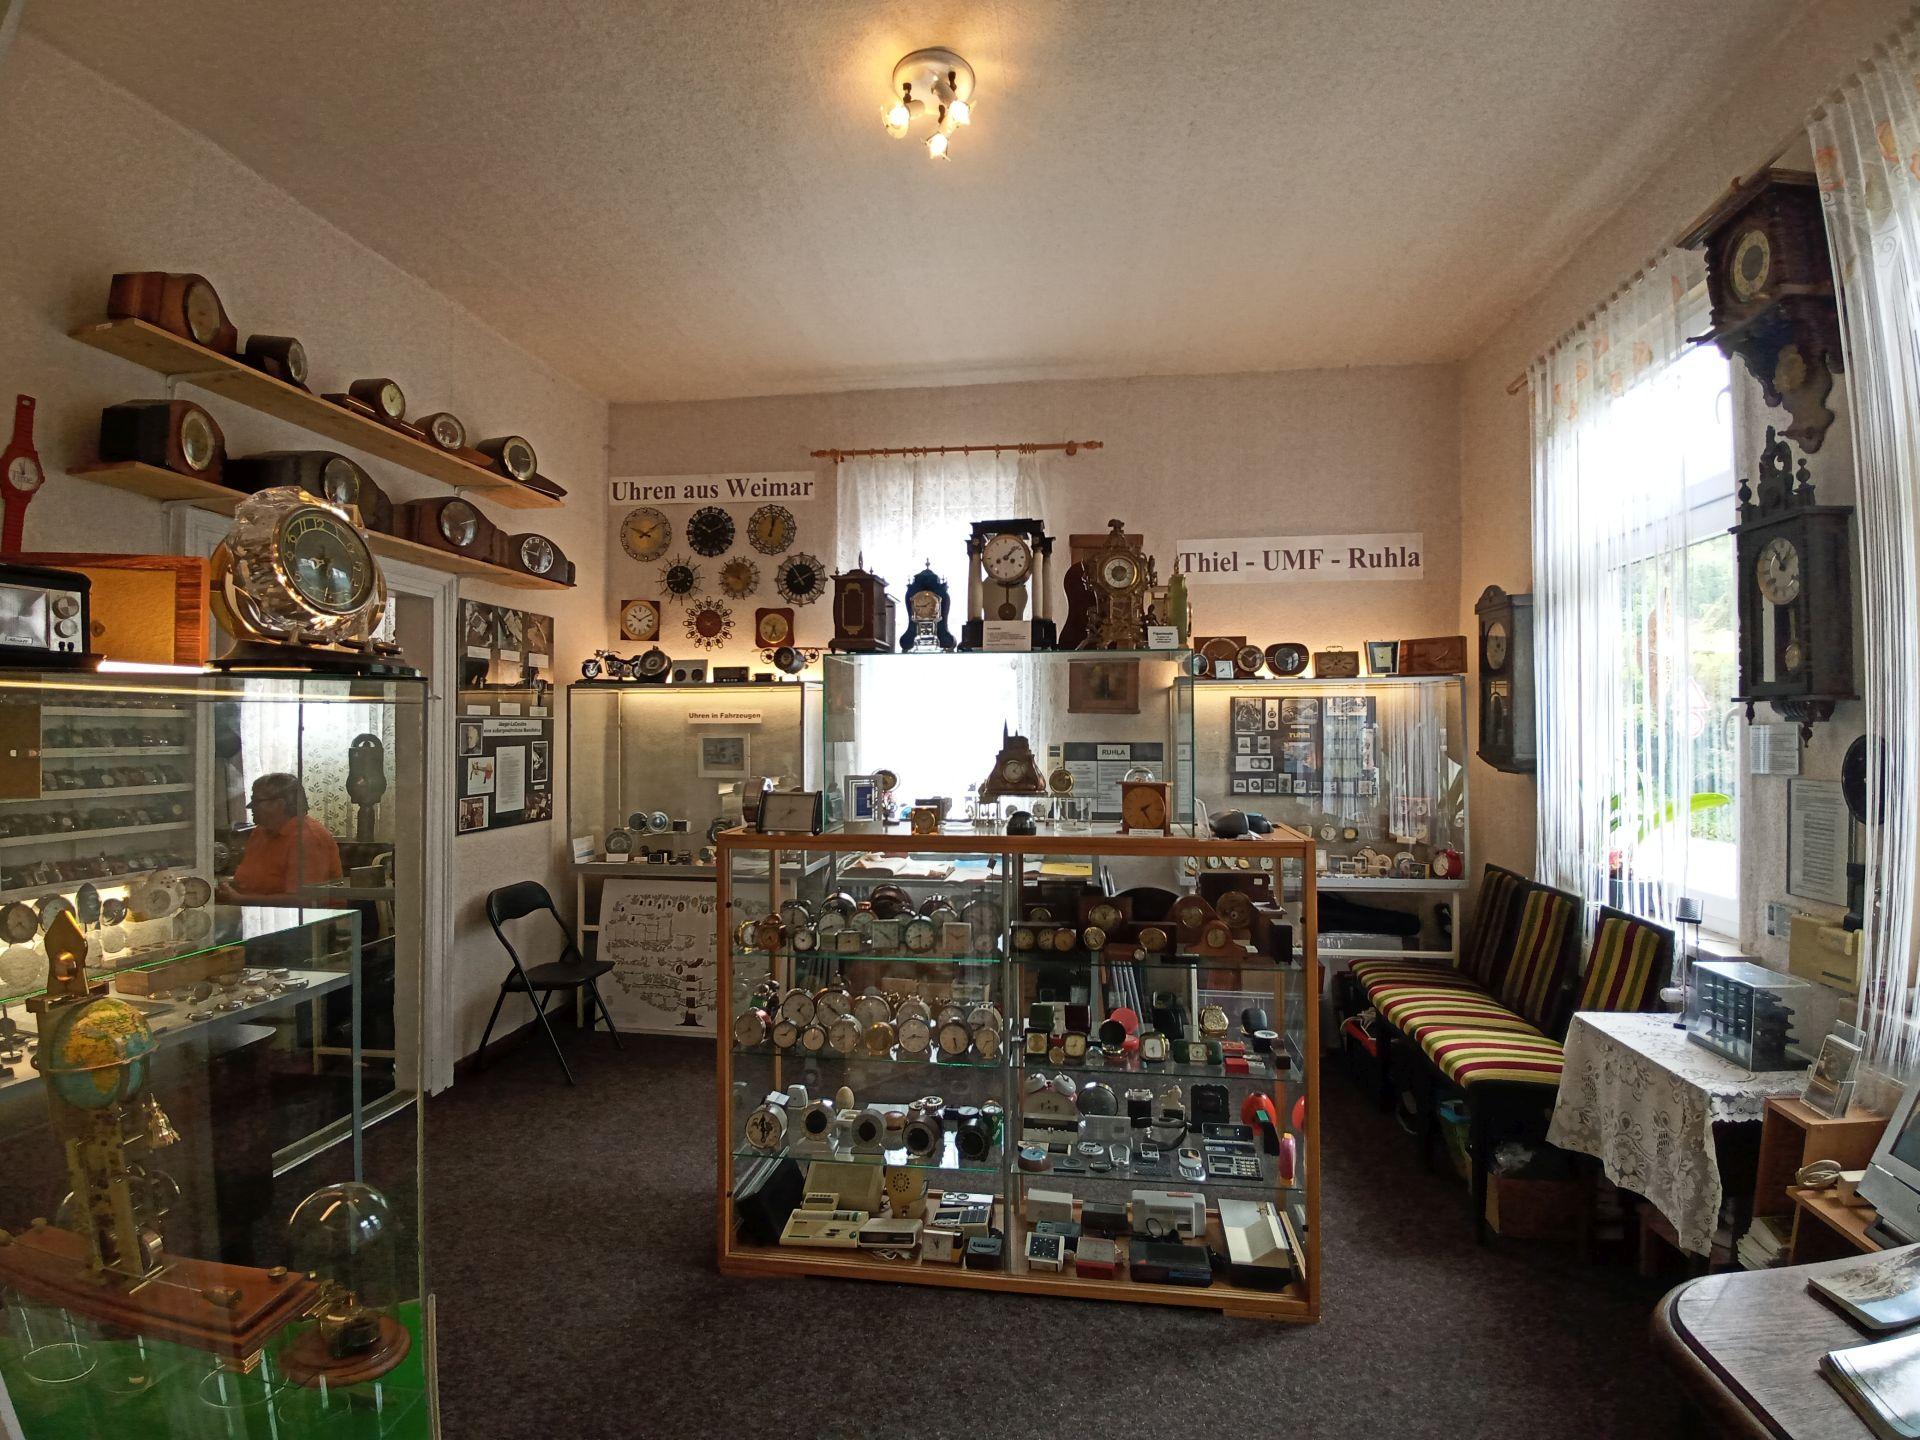 Raum 3 im Uhrenmuseum Treseburg